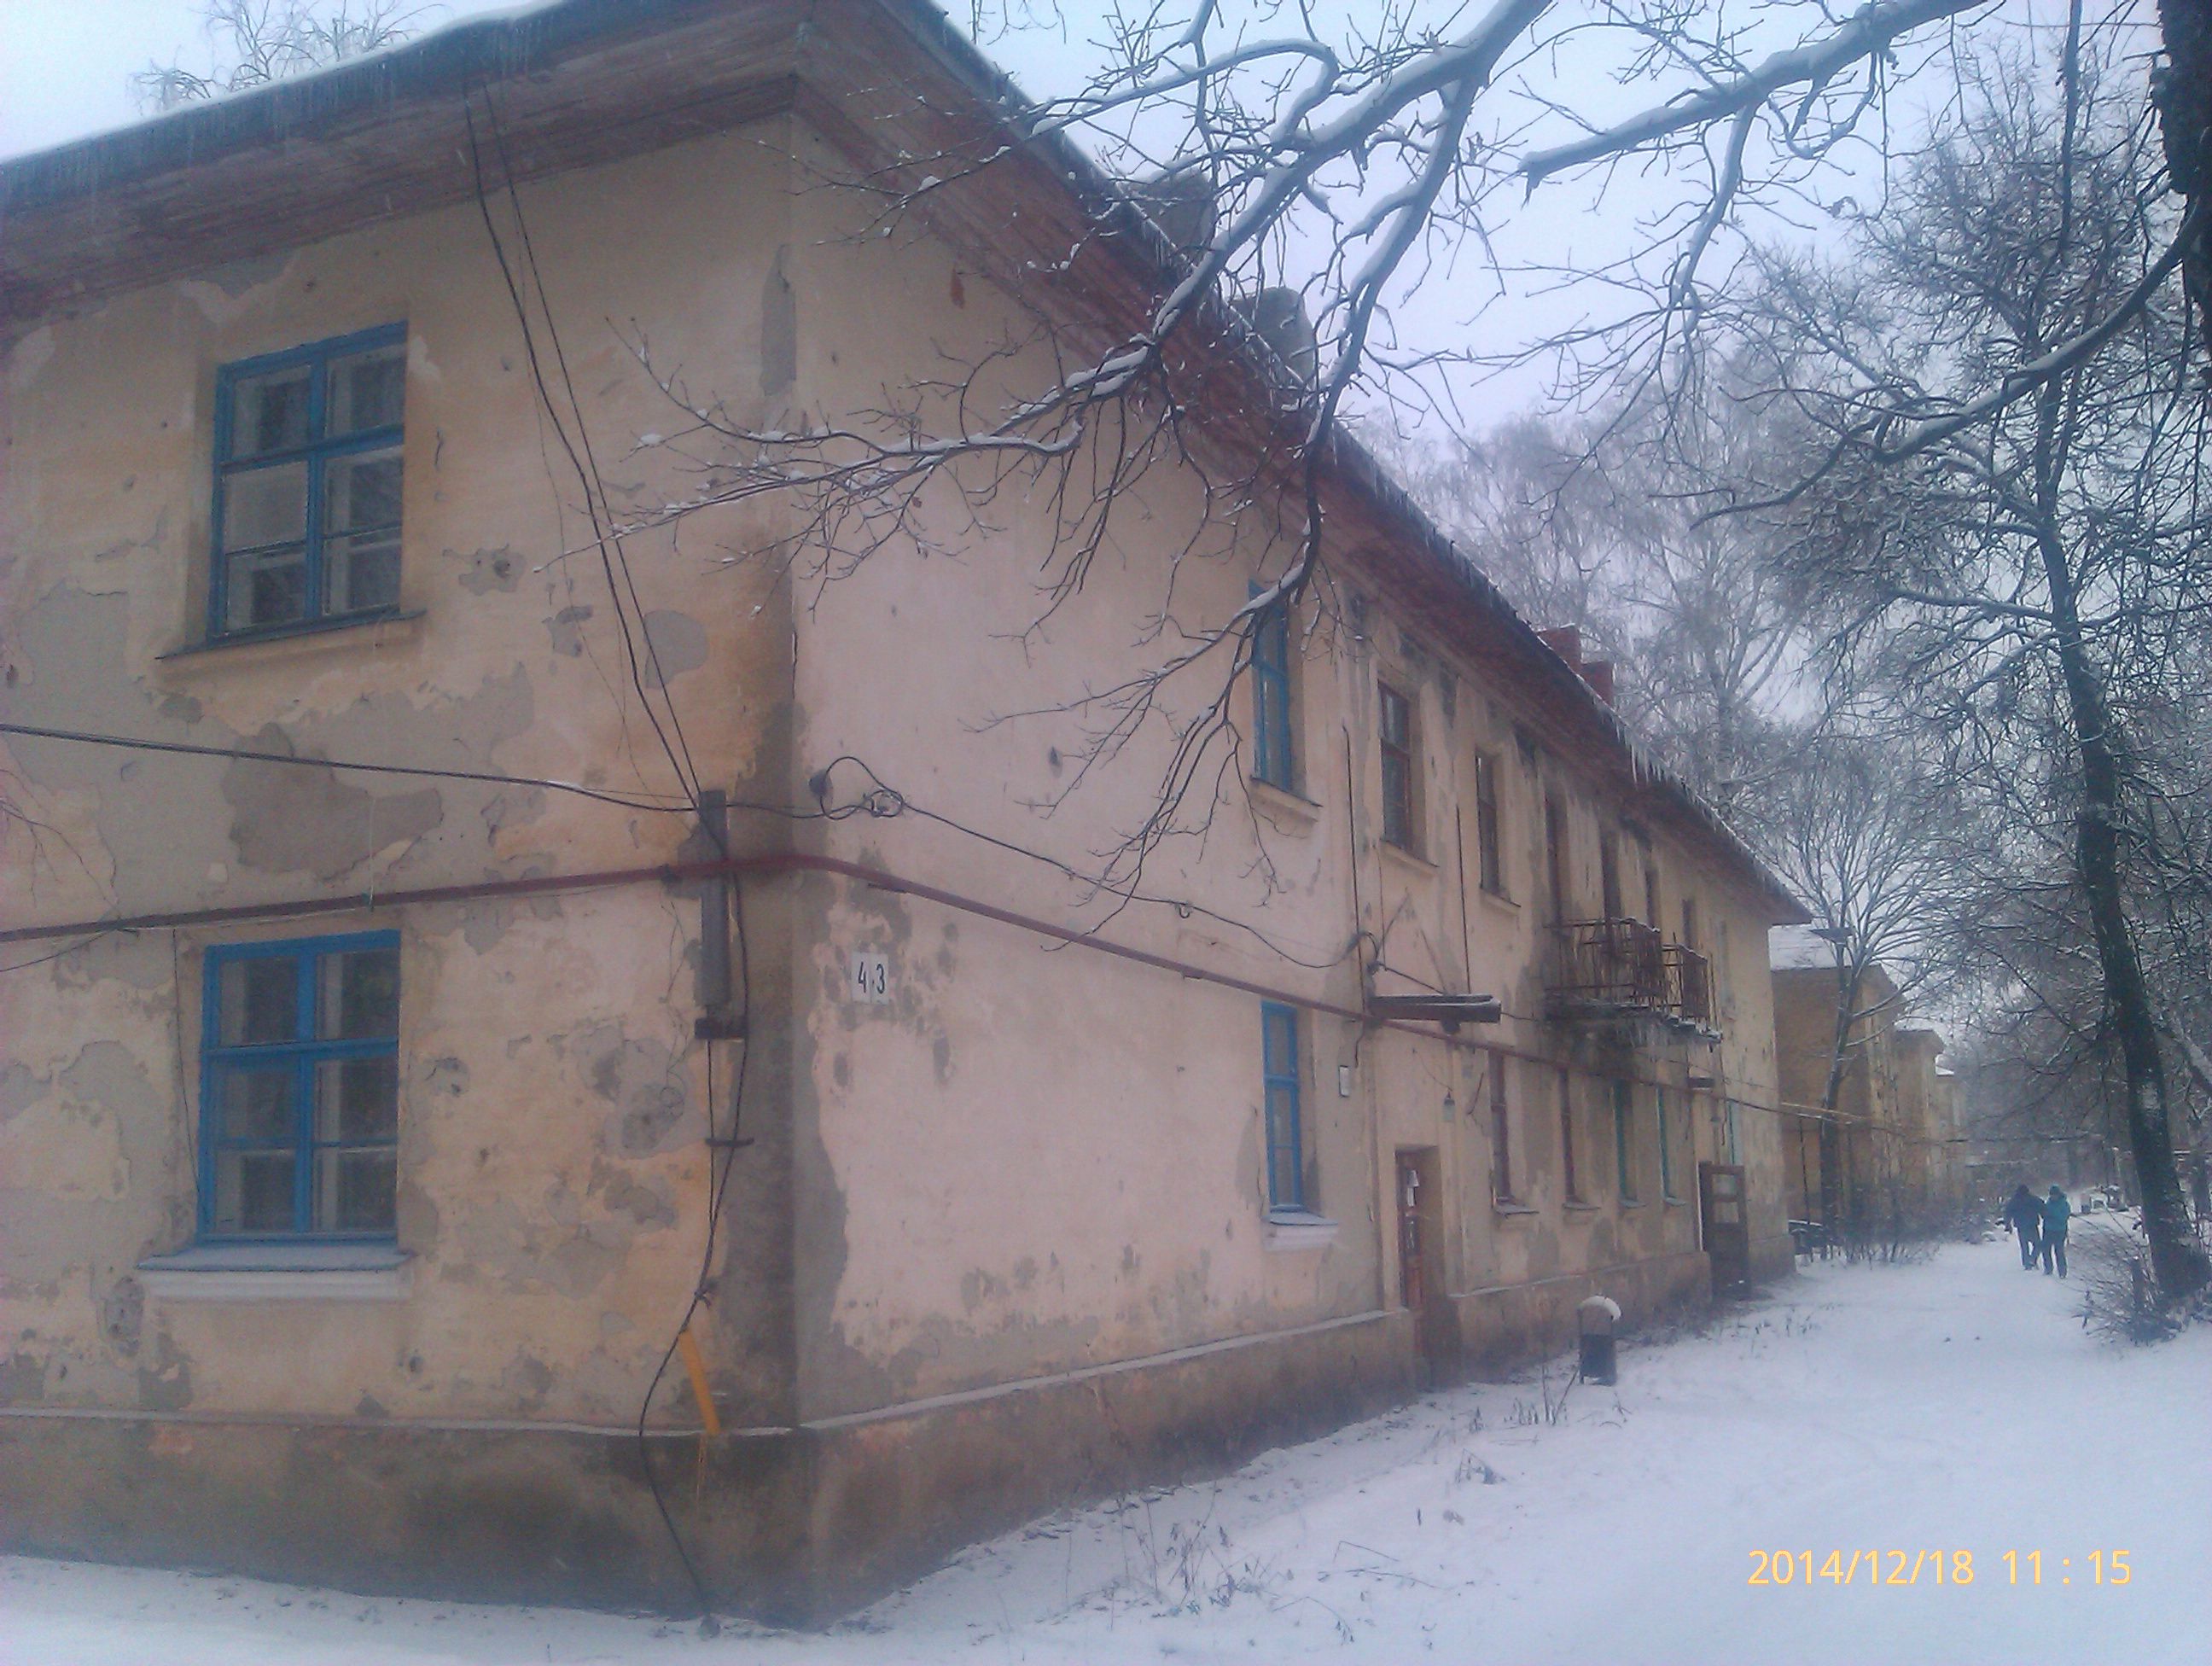 Фото работники кеса гкаменка пензенская обл 2014 2